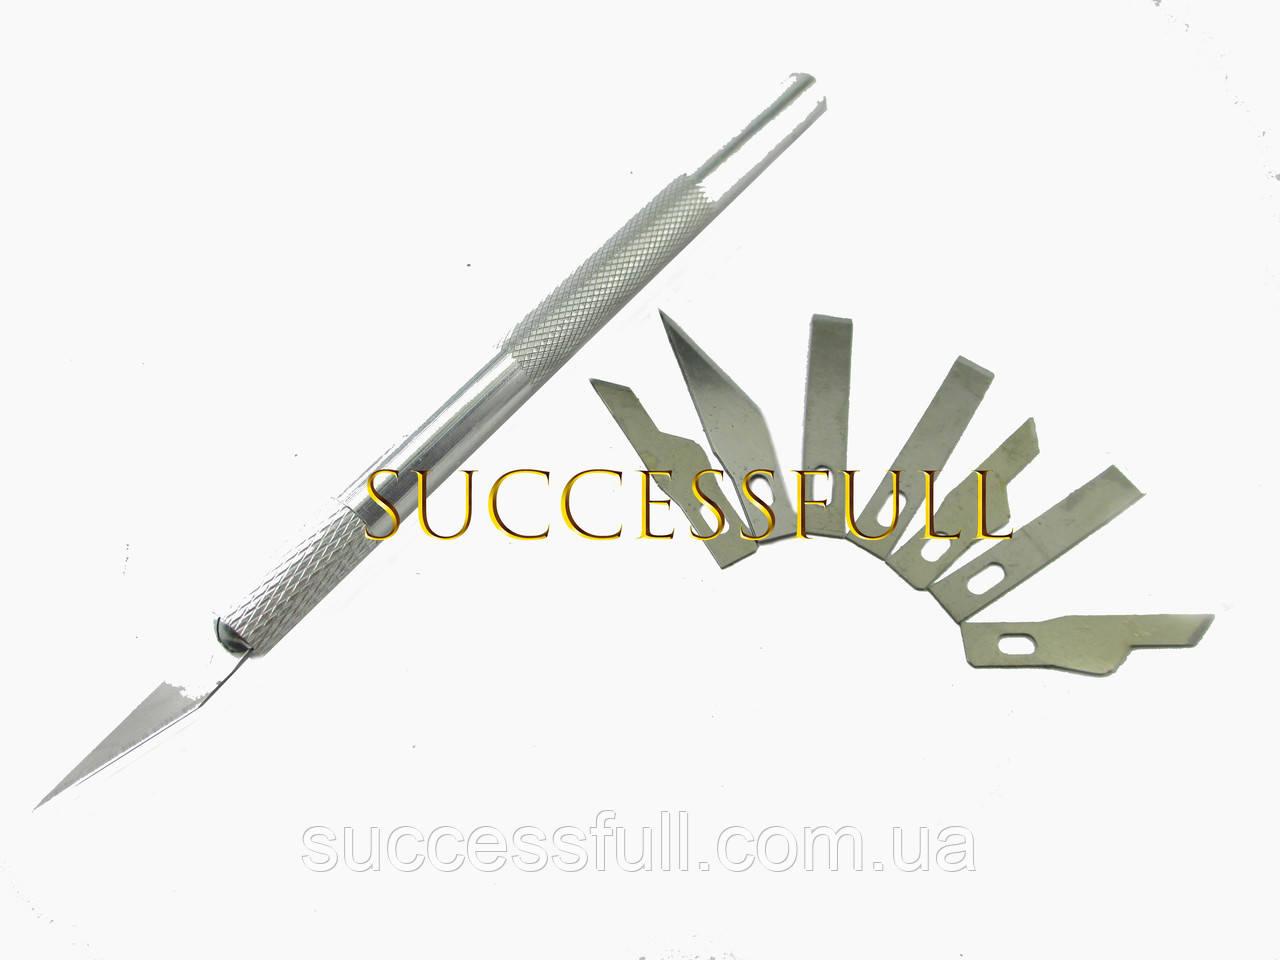 Набор ножей для резьбы по дереву 9 сменных ножей